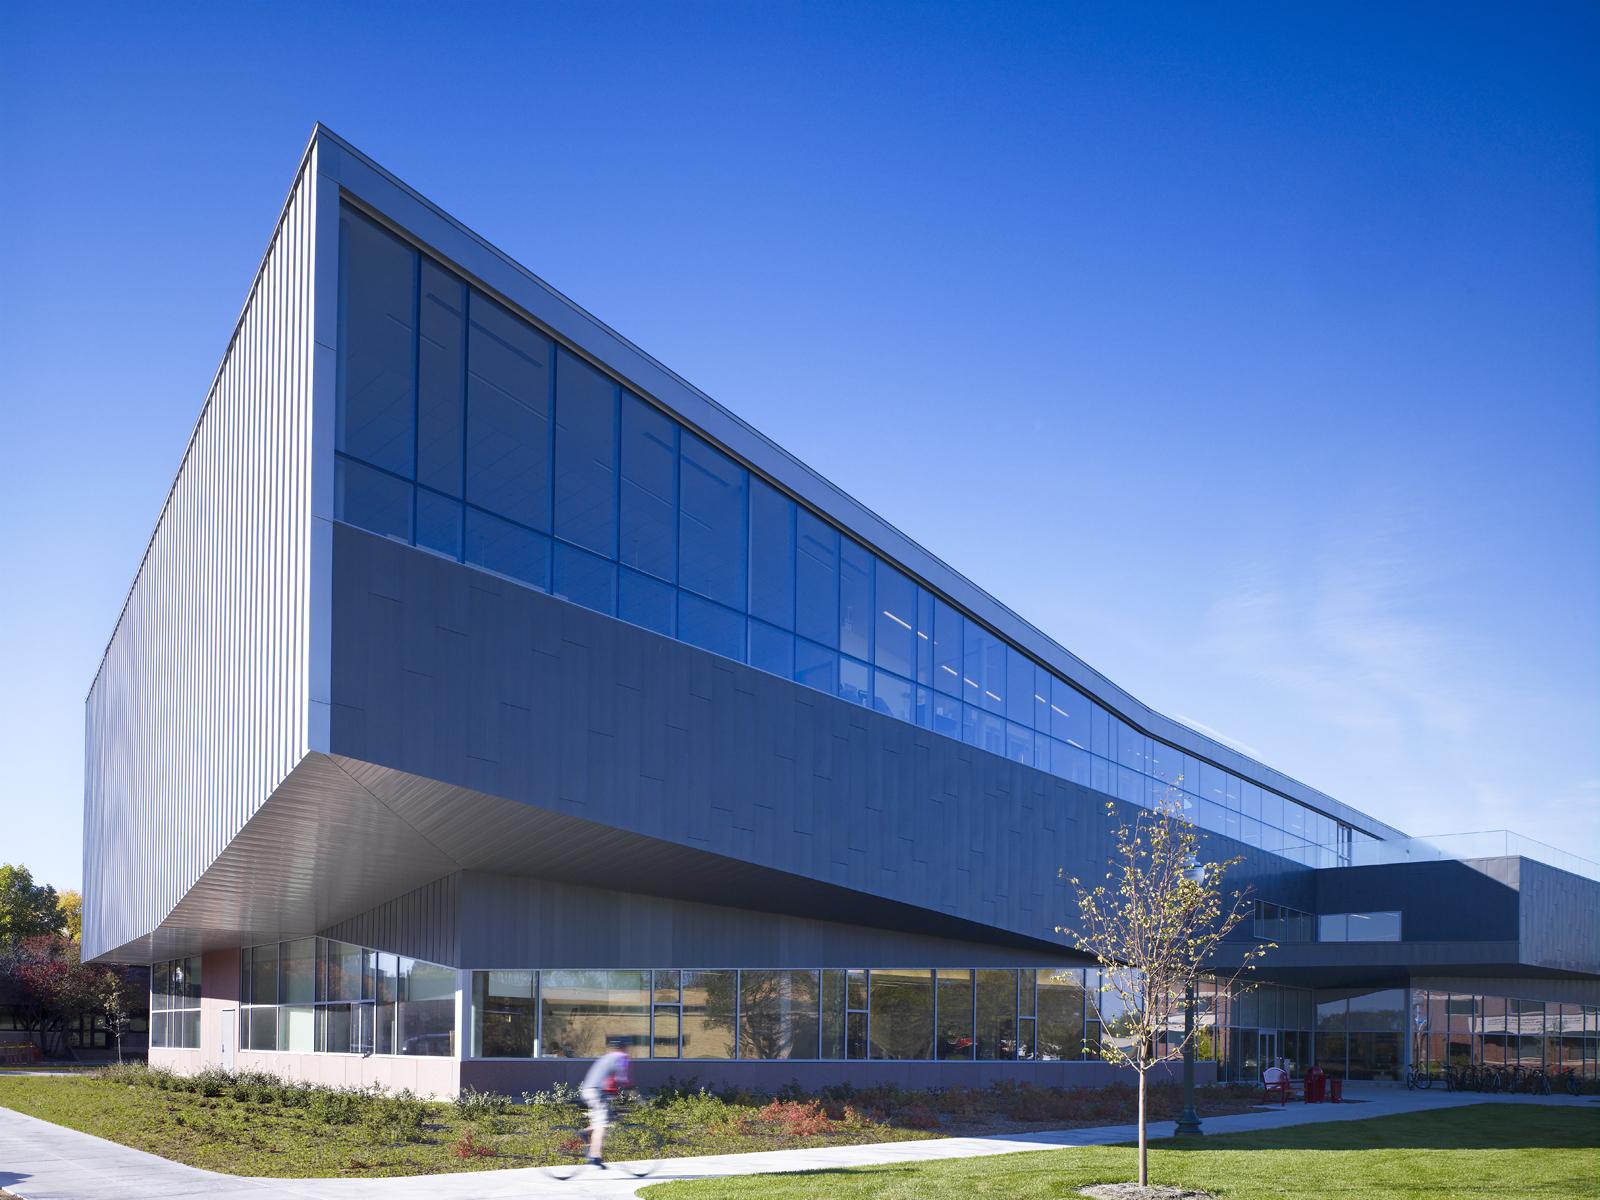 Escola de Negócios Beacom / Charles Rose Architects Inc., © John Linden